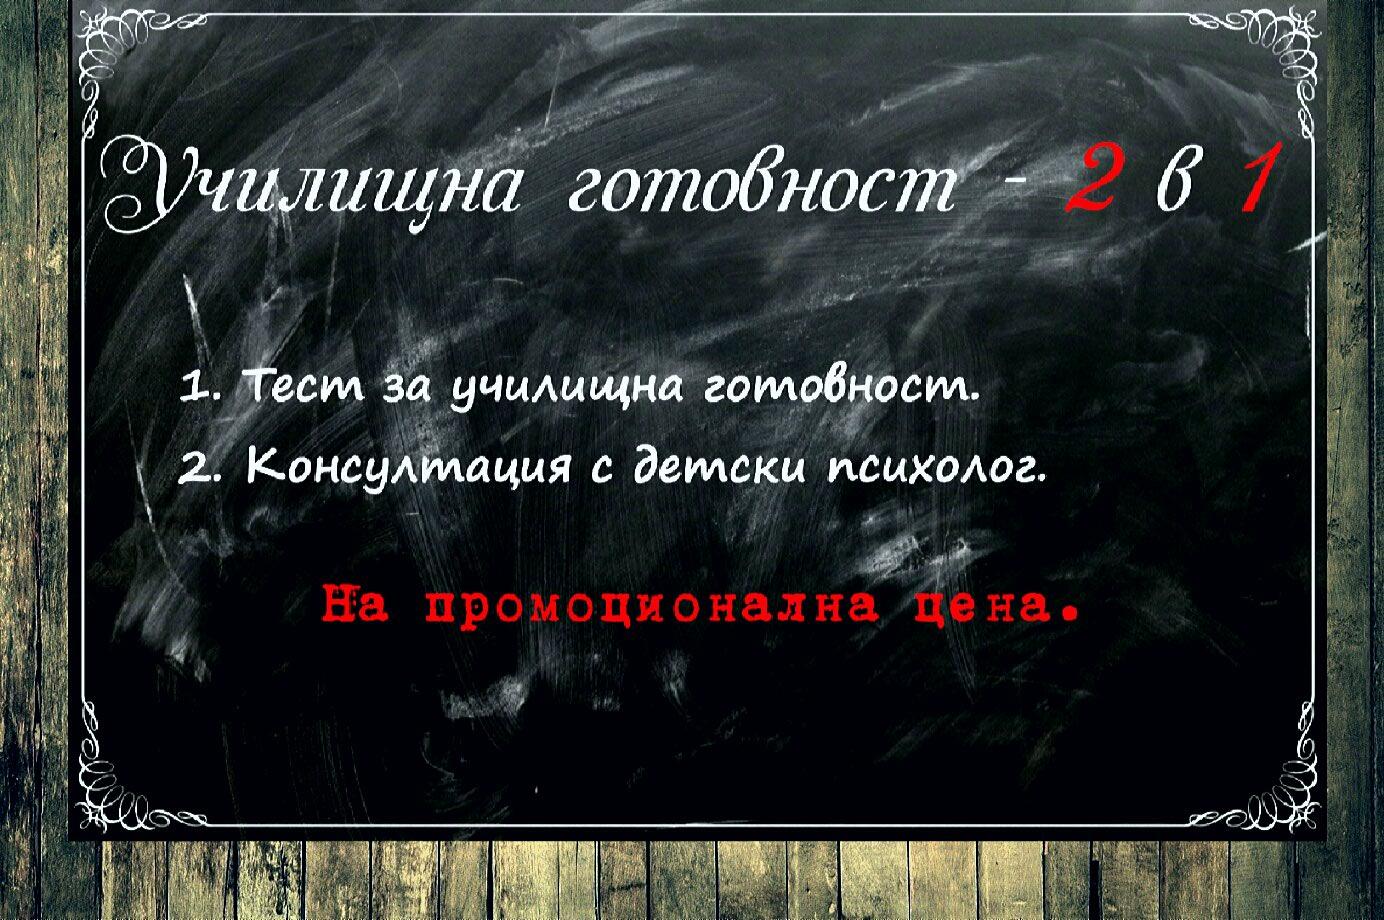 Училищна готовност 2 в1 е комплексна психологическа услуга предоставяна от психолозите Михаил Михайлов и Елена Мечева.